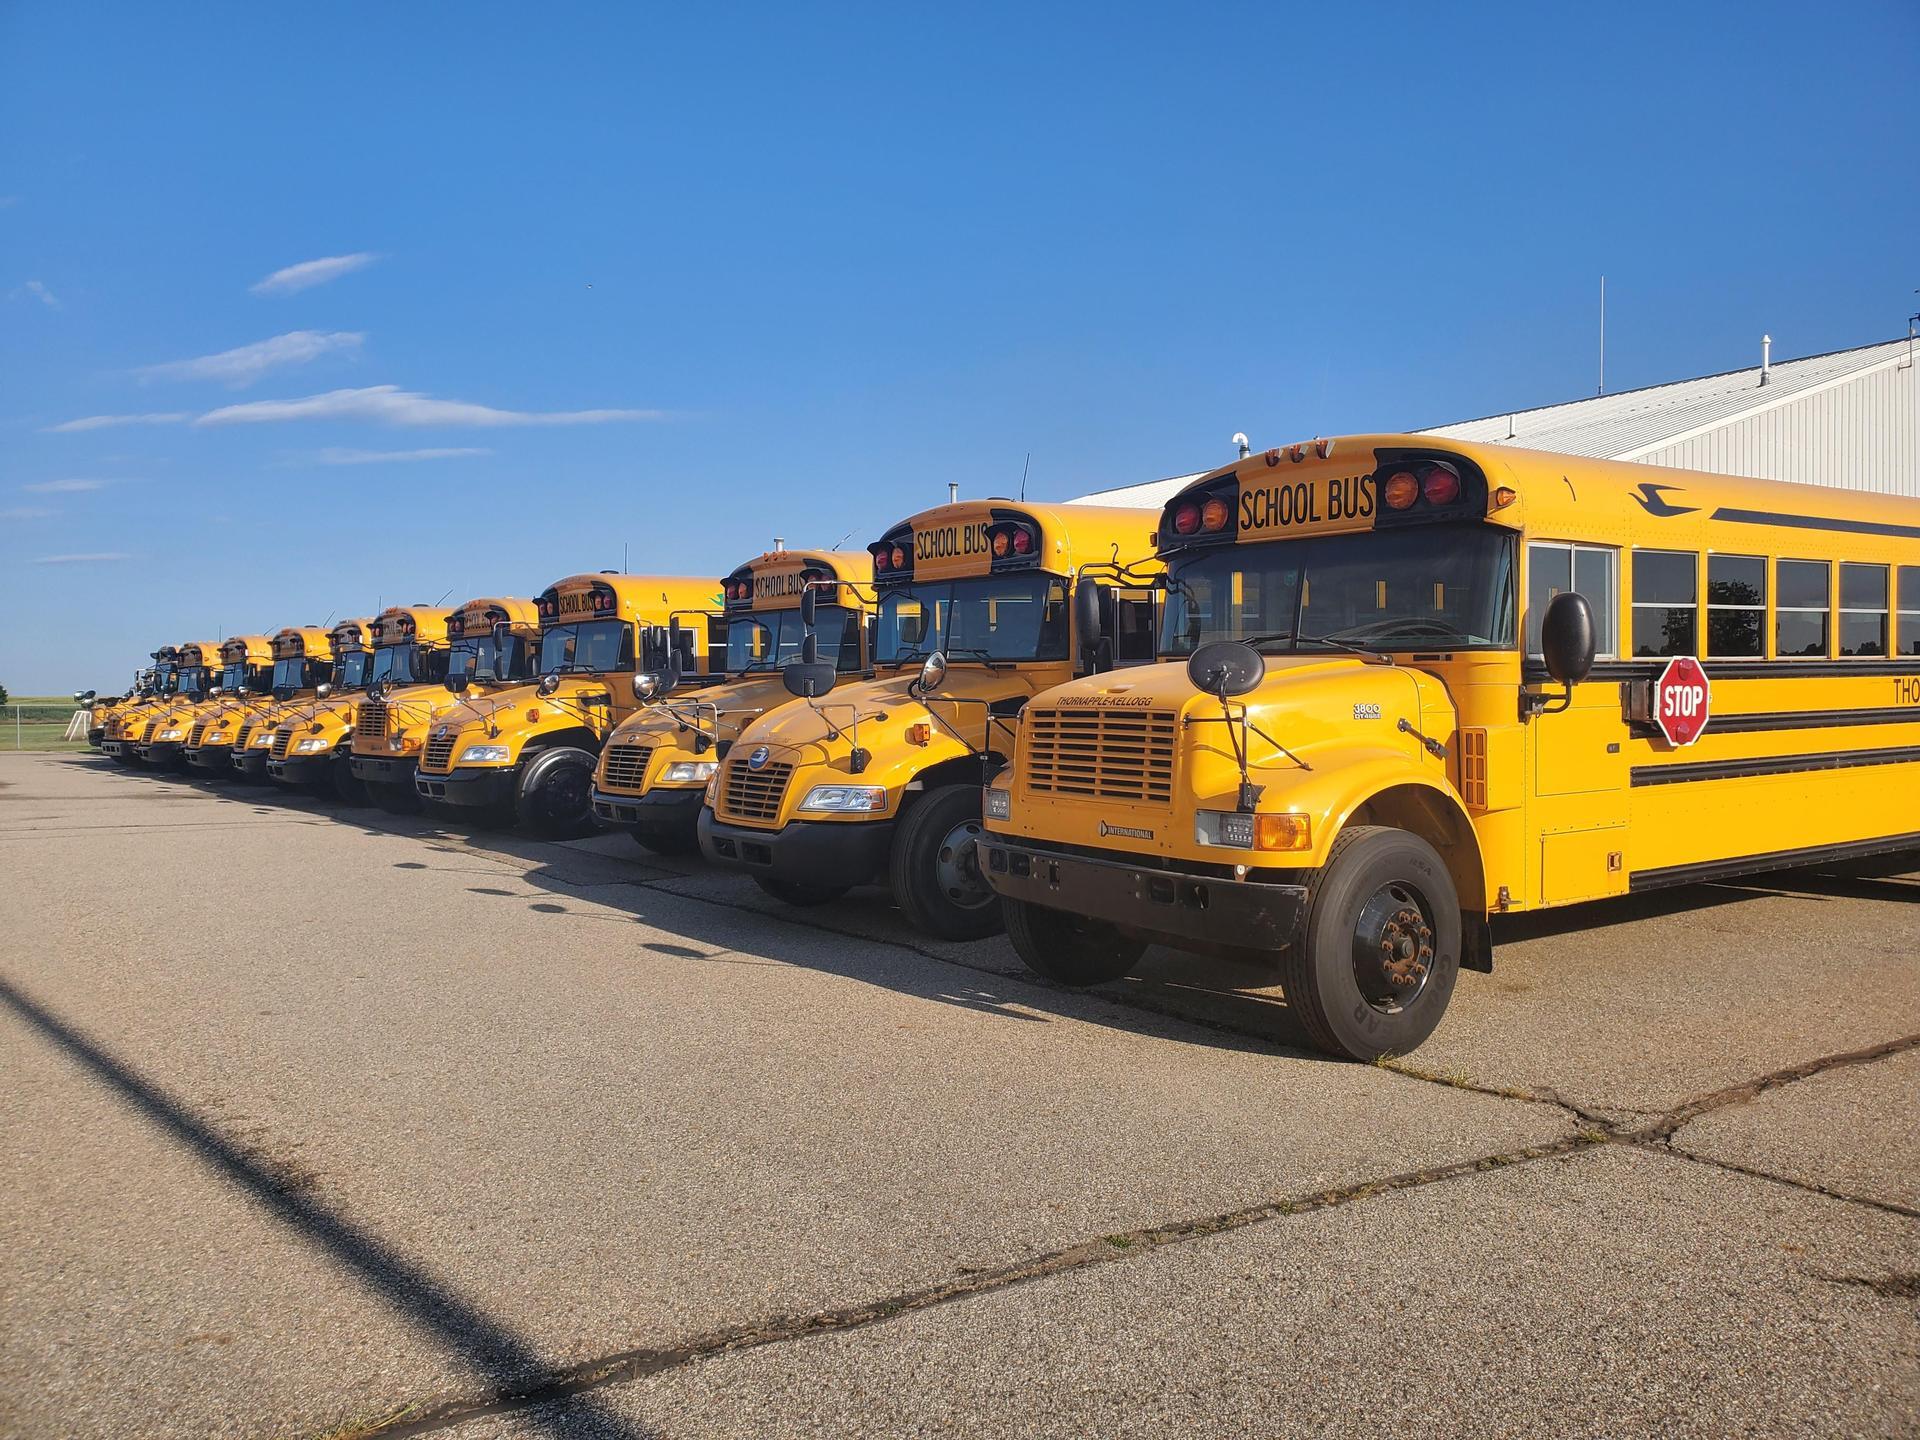 TK School Buses